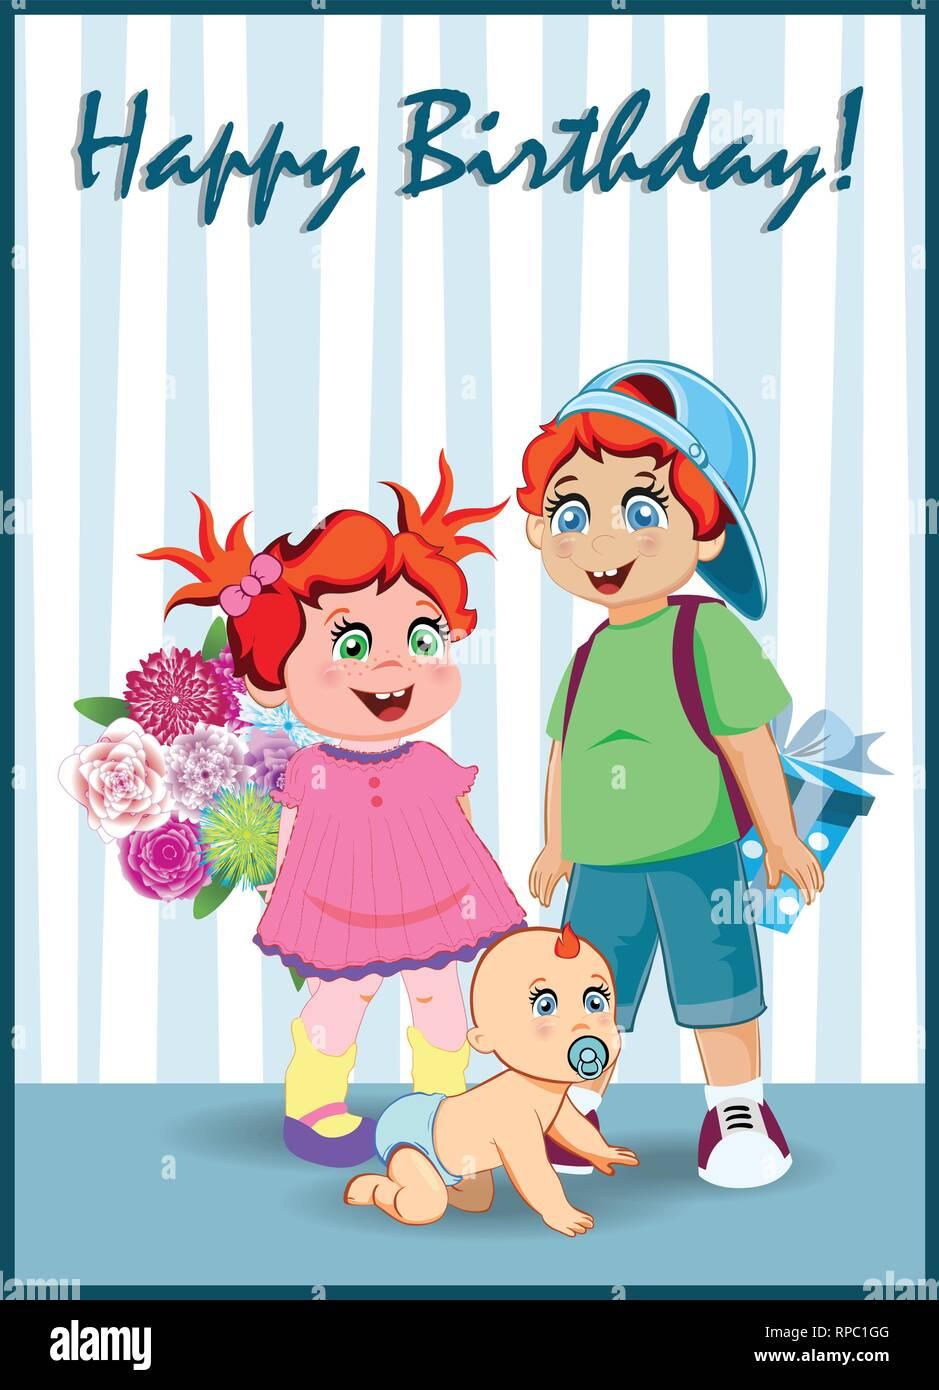 8939af213 Tarjeta de felicitación de cumpleaños feliz de caricatura Kids personajes  sosteniendo gran caja de regalo y